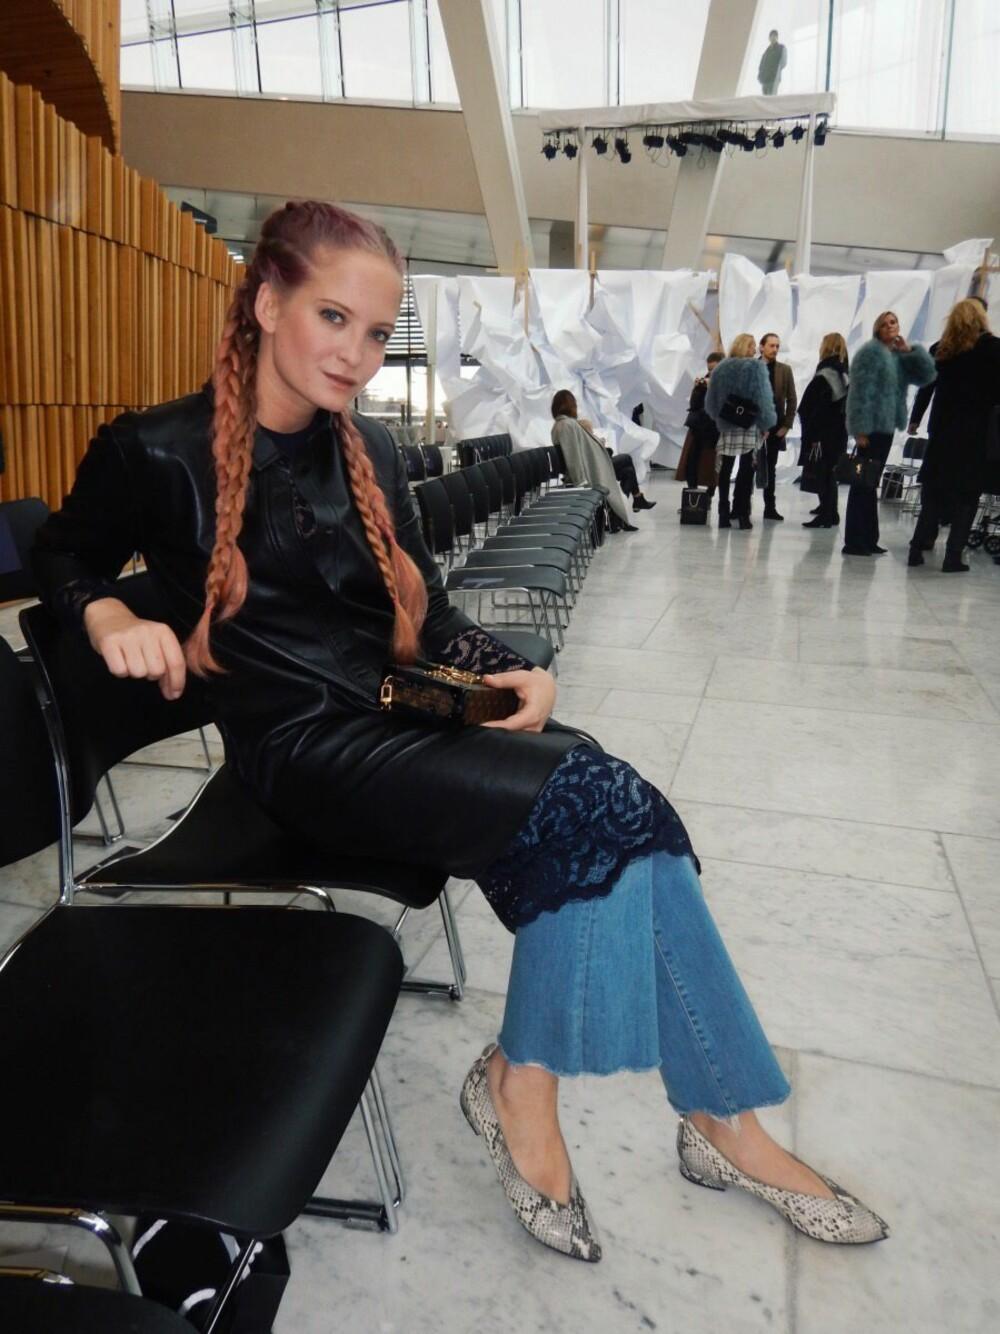 FINT Å VISE LITT HUD: Ifølge stylist, motejournalist og blogger Nathalie Helgerud, er det fint å vise litt hud når du går i avklipte jeans. Her på Oslo Runway.